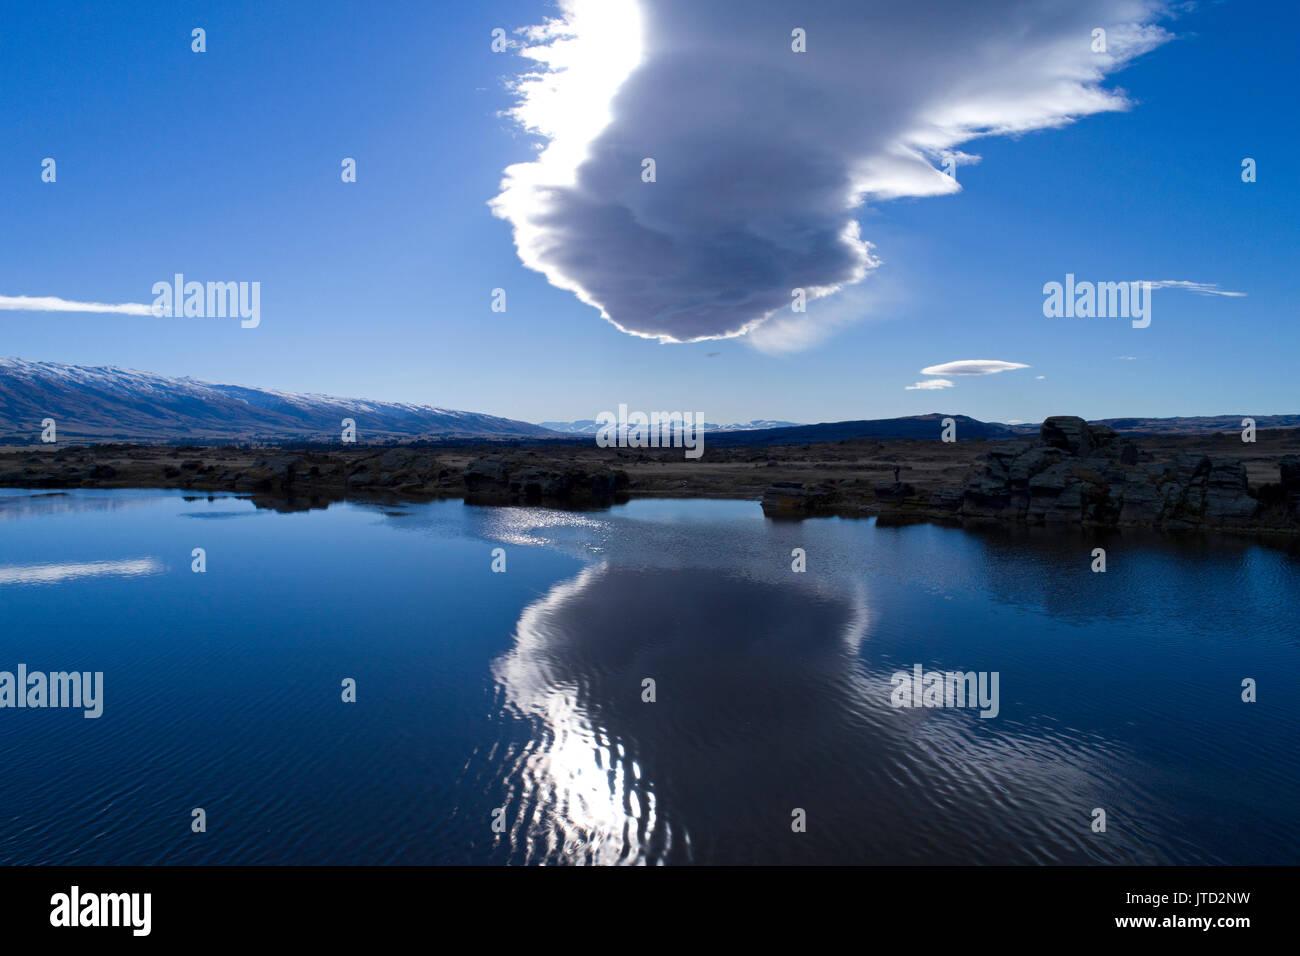 Sutton Salt Lake et 'l' animal Taieri (nuage lenticulaire houle), Sutton, près de Middlemarch, Taieri Strath, Otago, île du Sud, Nouvelle-Zélande - aer drone Banque D'Images